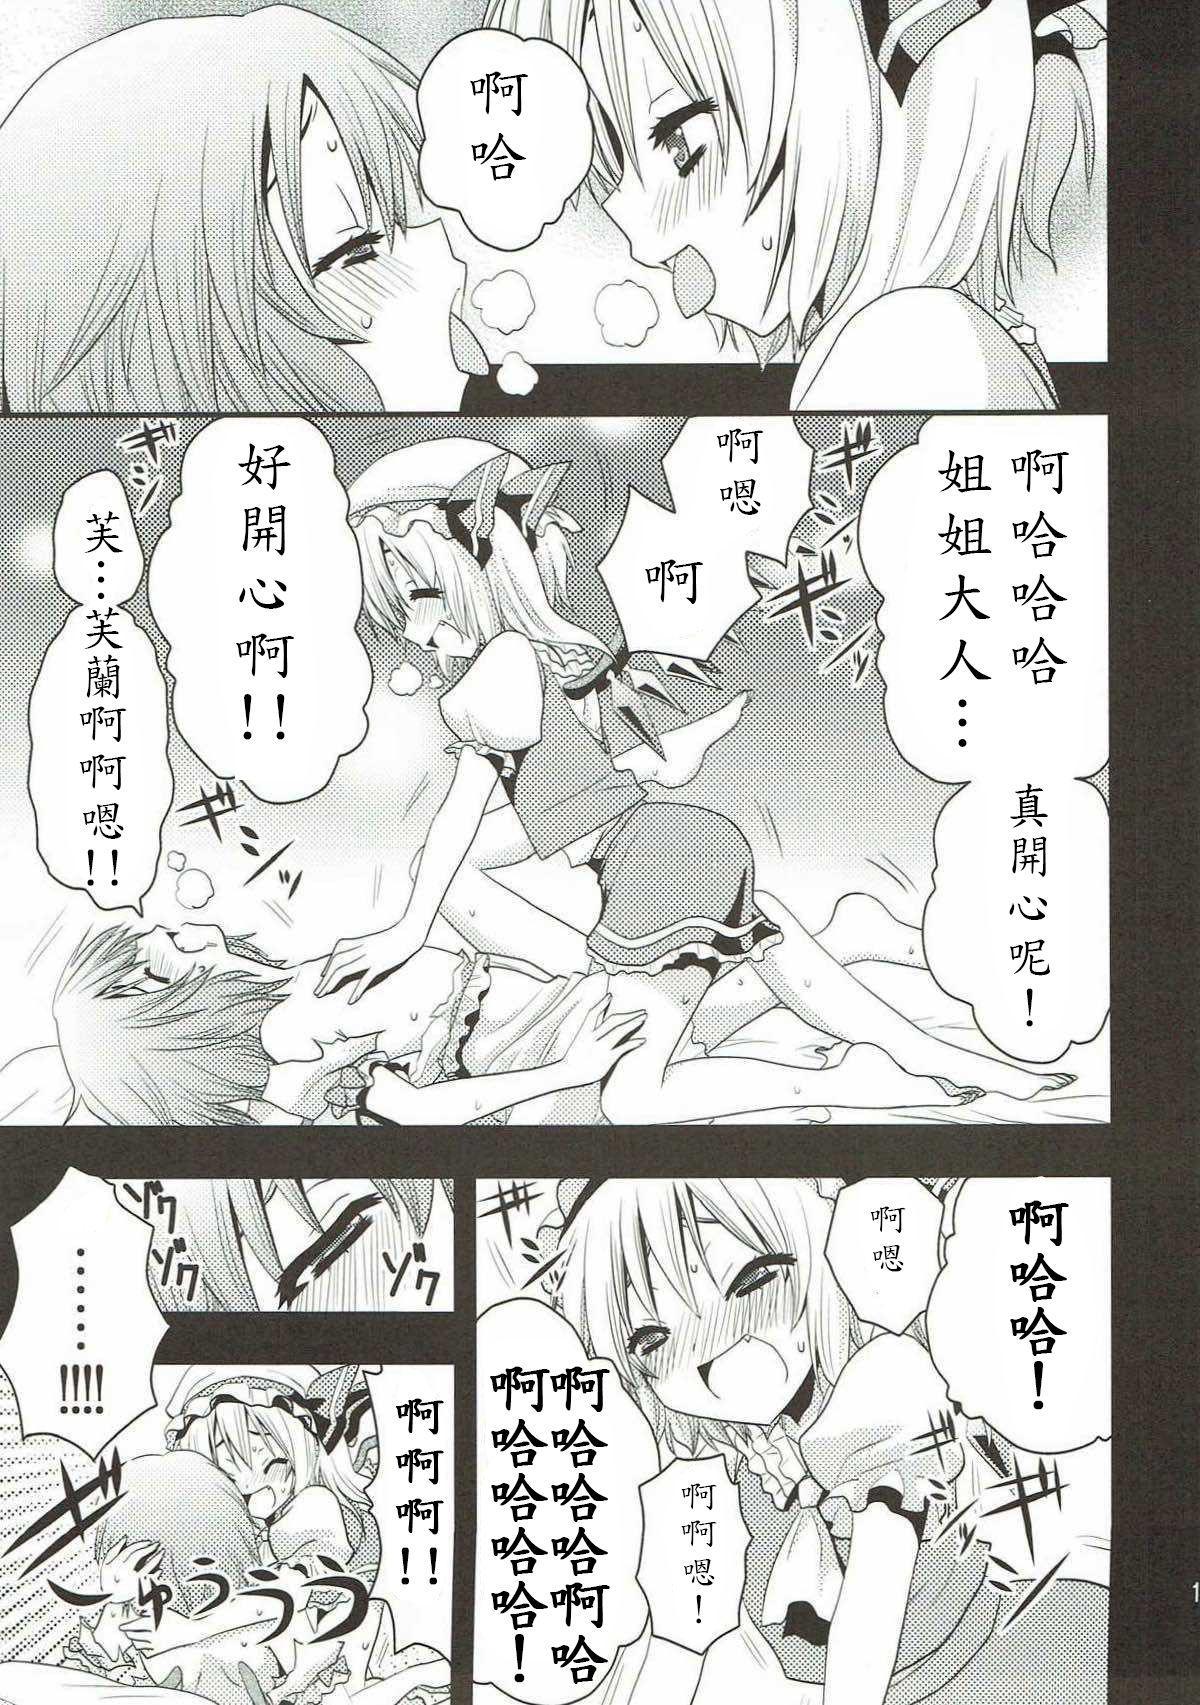 Aishiteru Aishiteru Aishiteru 13